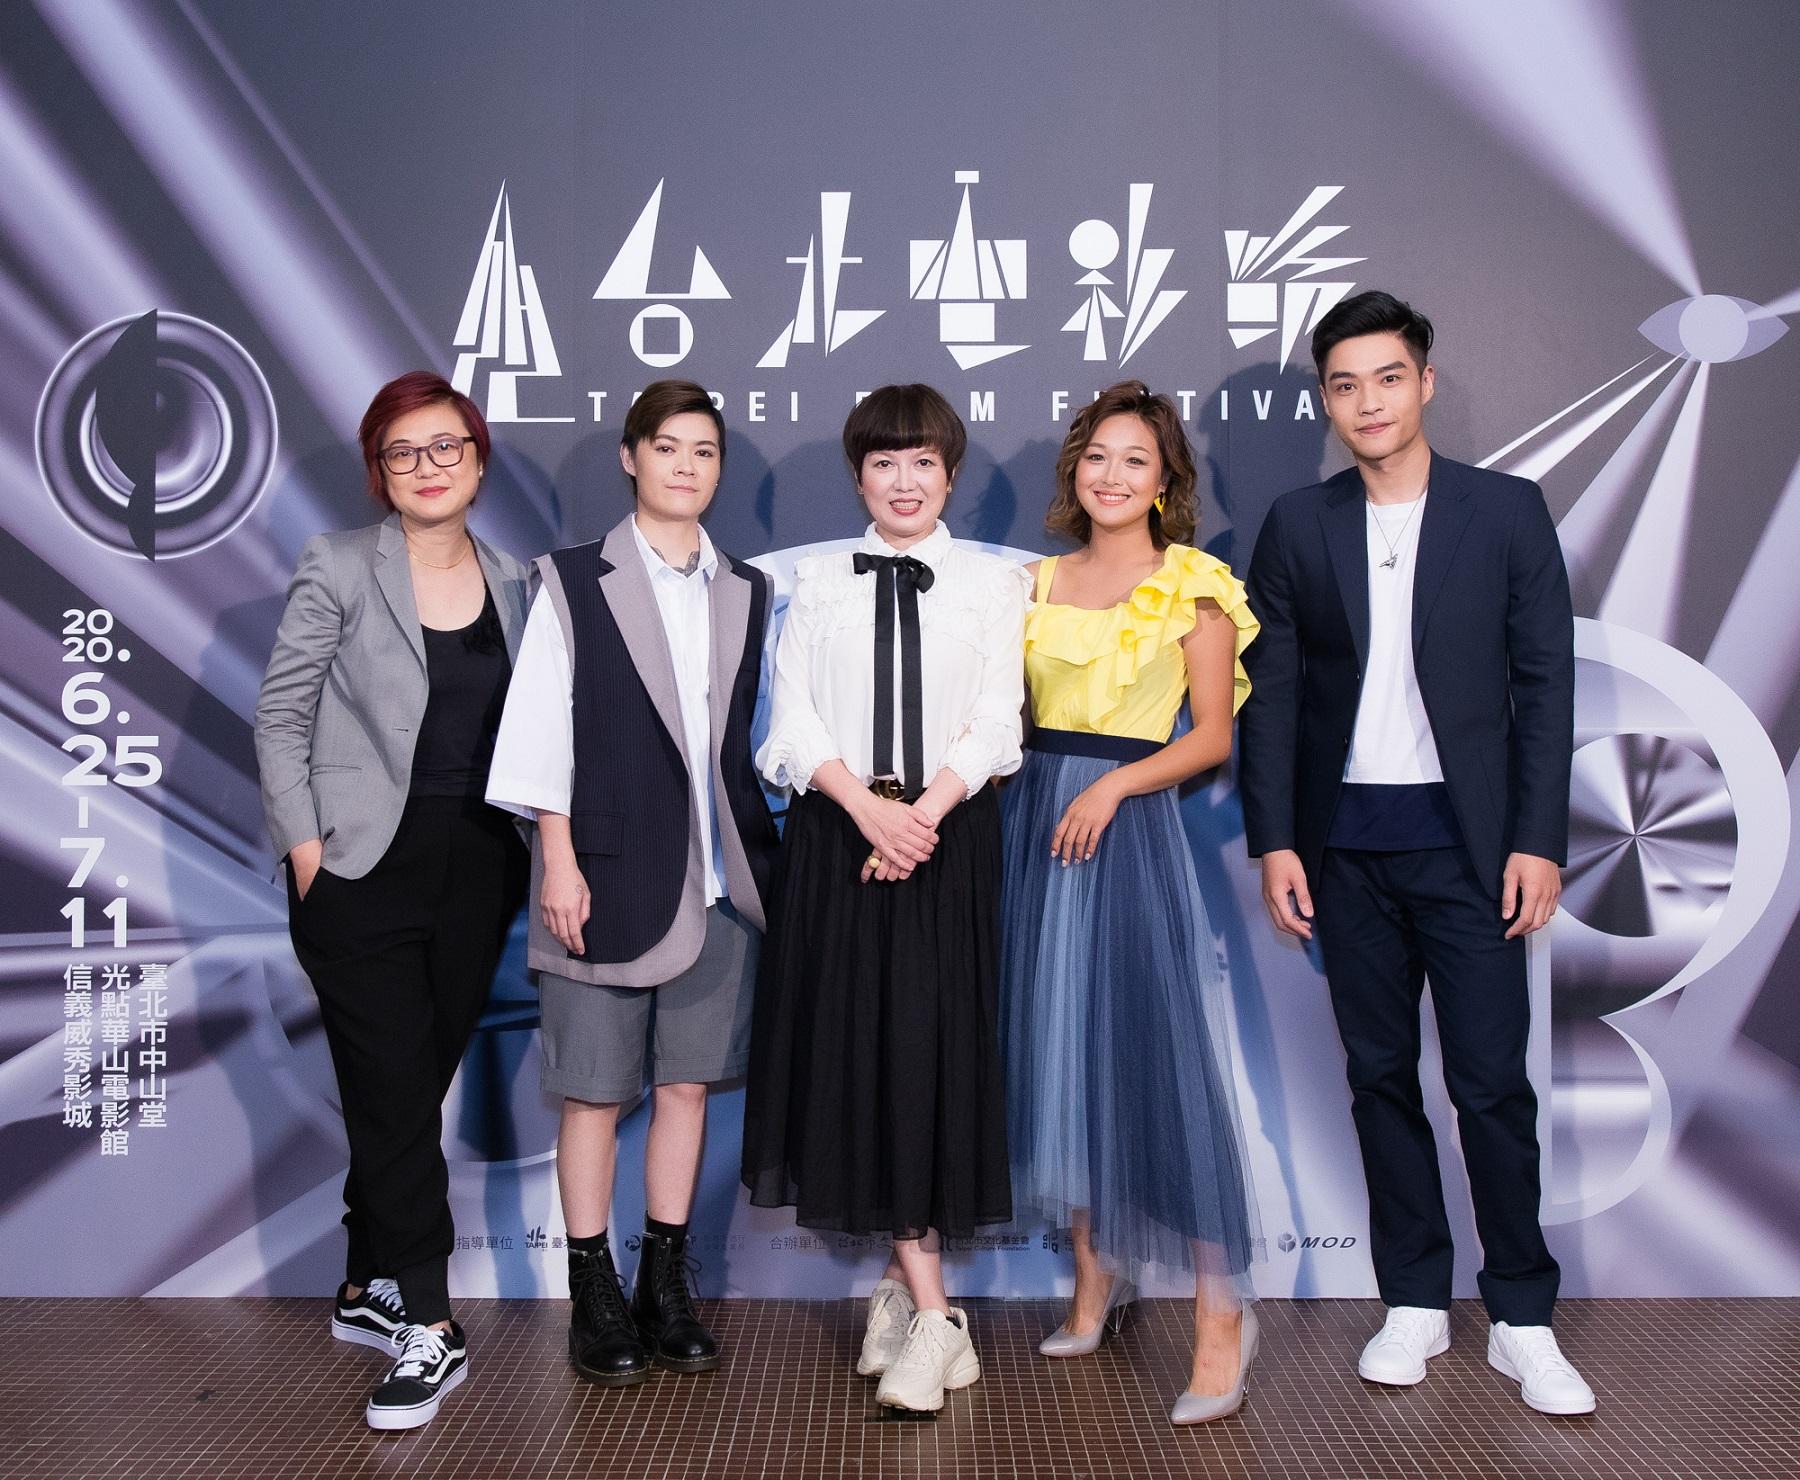 《迷走廣州》首映記者會,導演陸慧綿(左起)、演員葉寶雯、苗可麗、張雅玲、徐裕傑出席分享心得